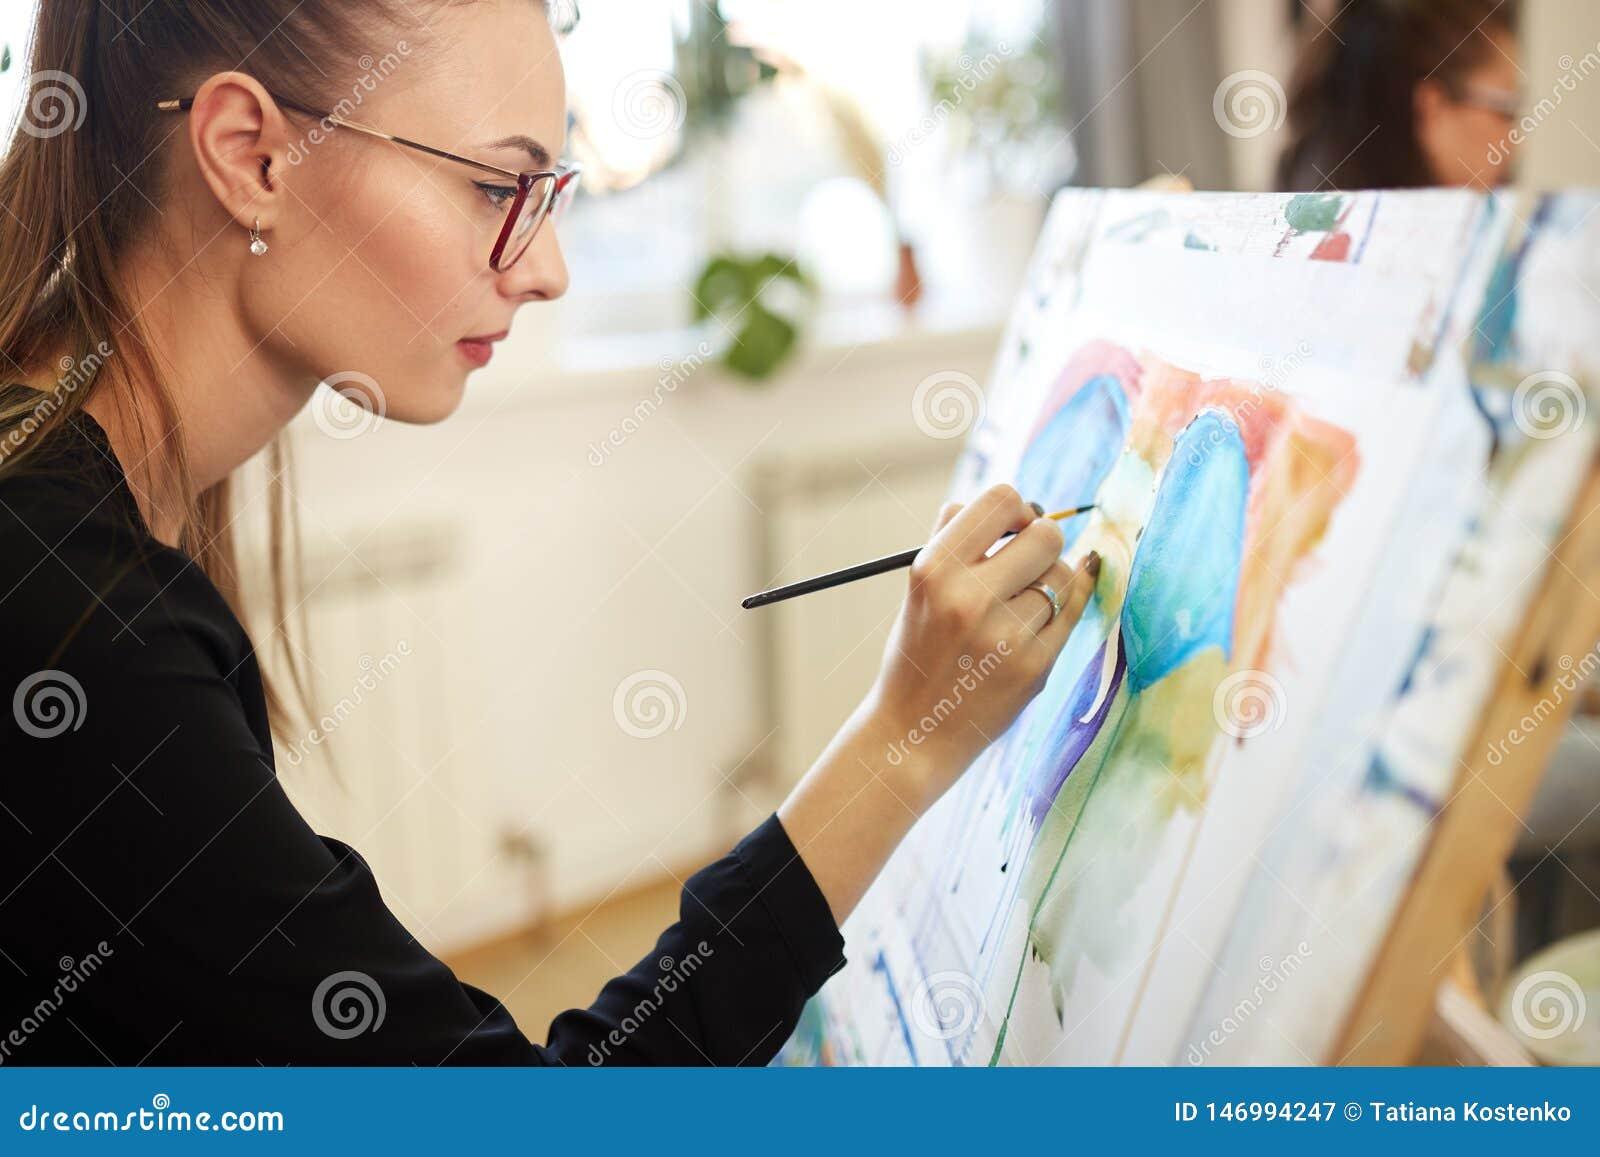 M?oda pi?kna dziewczyna w szk?ach ubieraj?cych w czarnej bluzce siedzi przy sztalug? i maluje obrazek w rysunek szkole